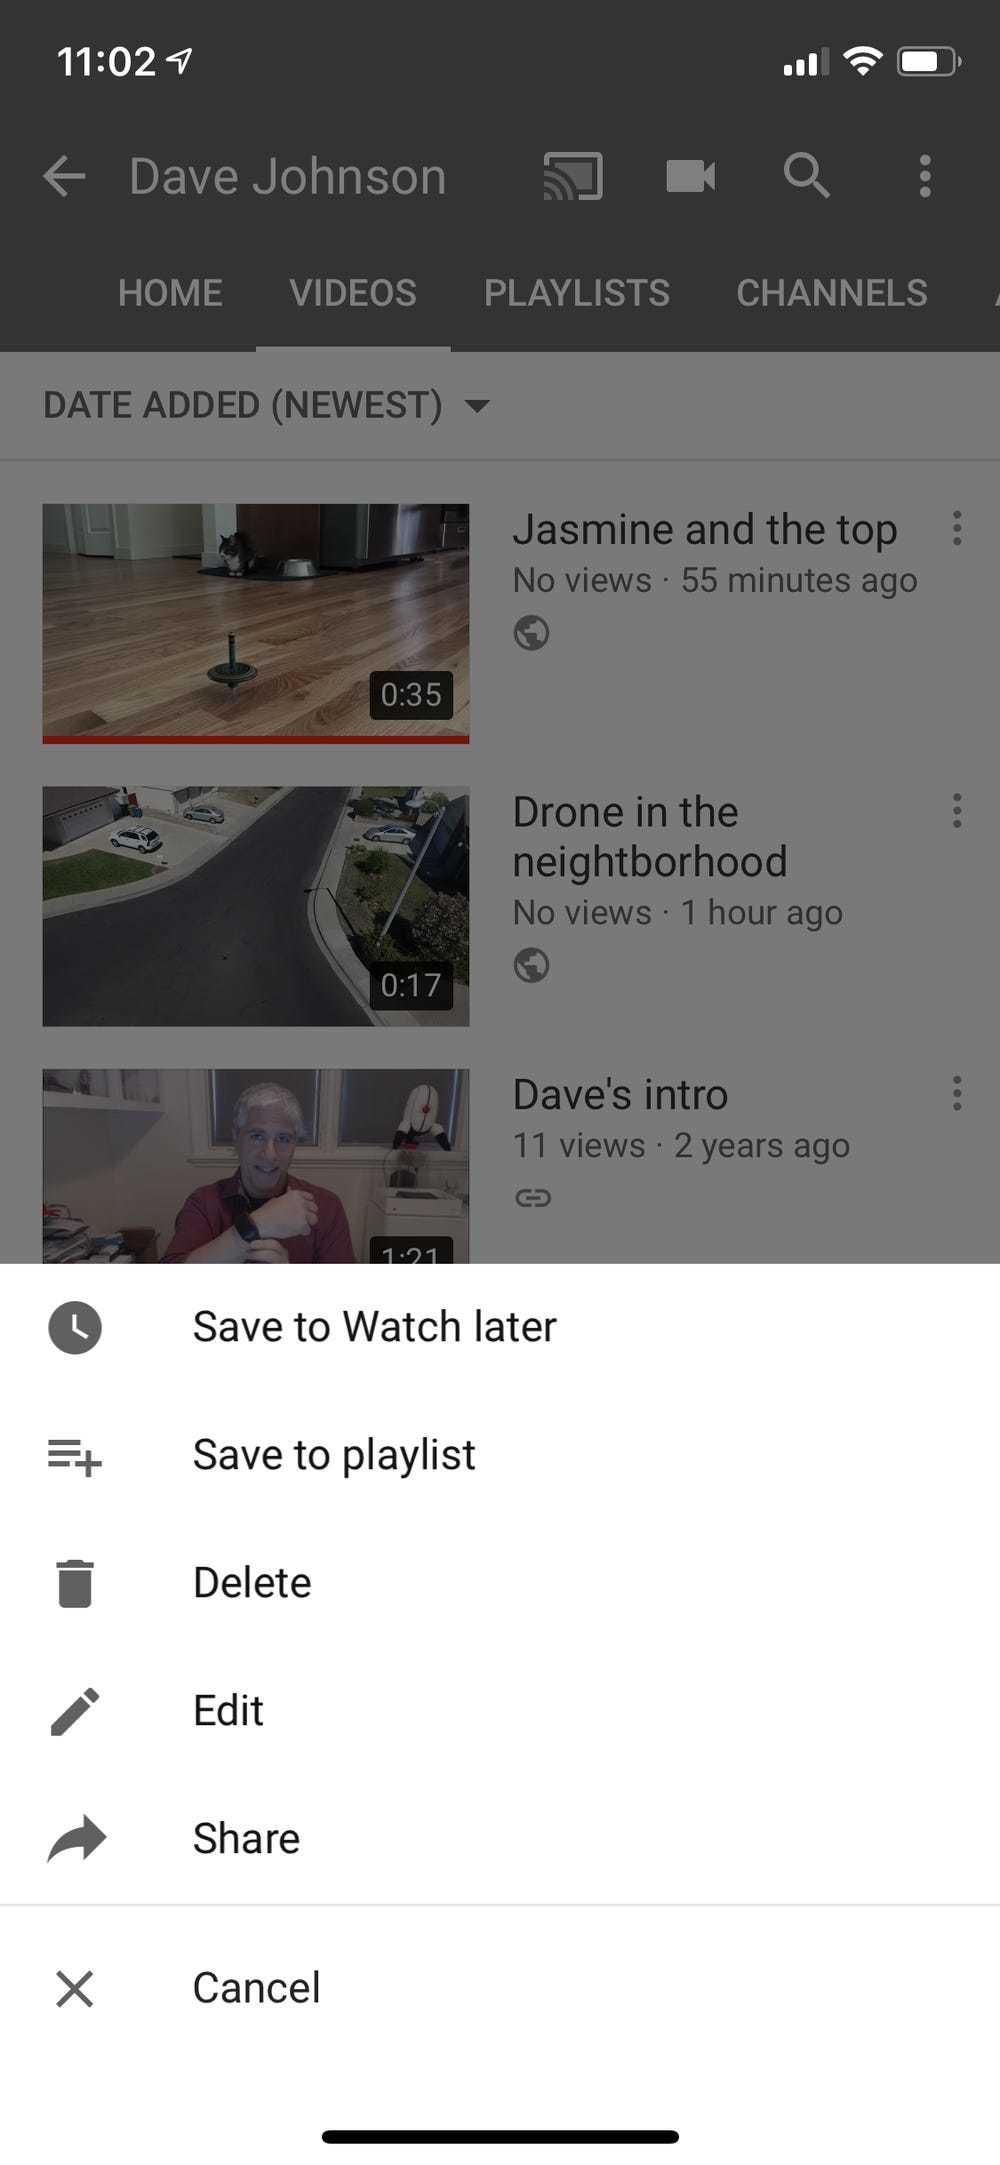 Cách xóa video trên YouTube bằng điện thoại và máy tính 2021